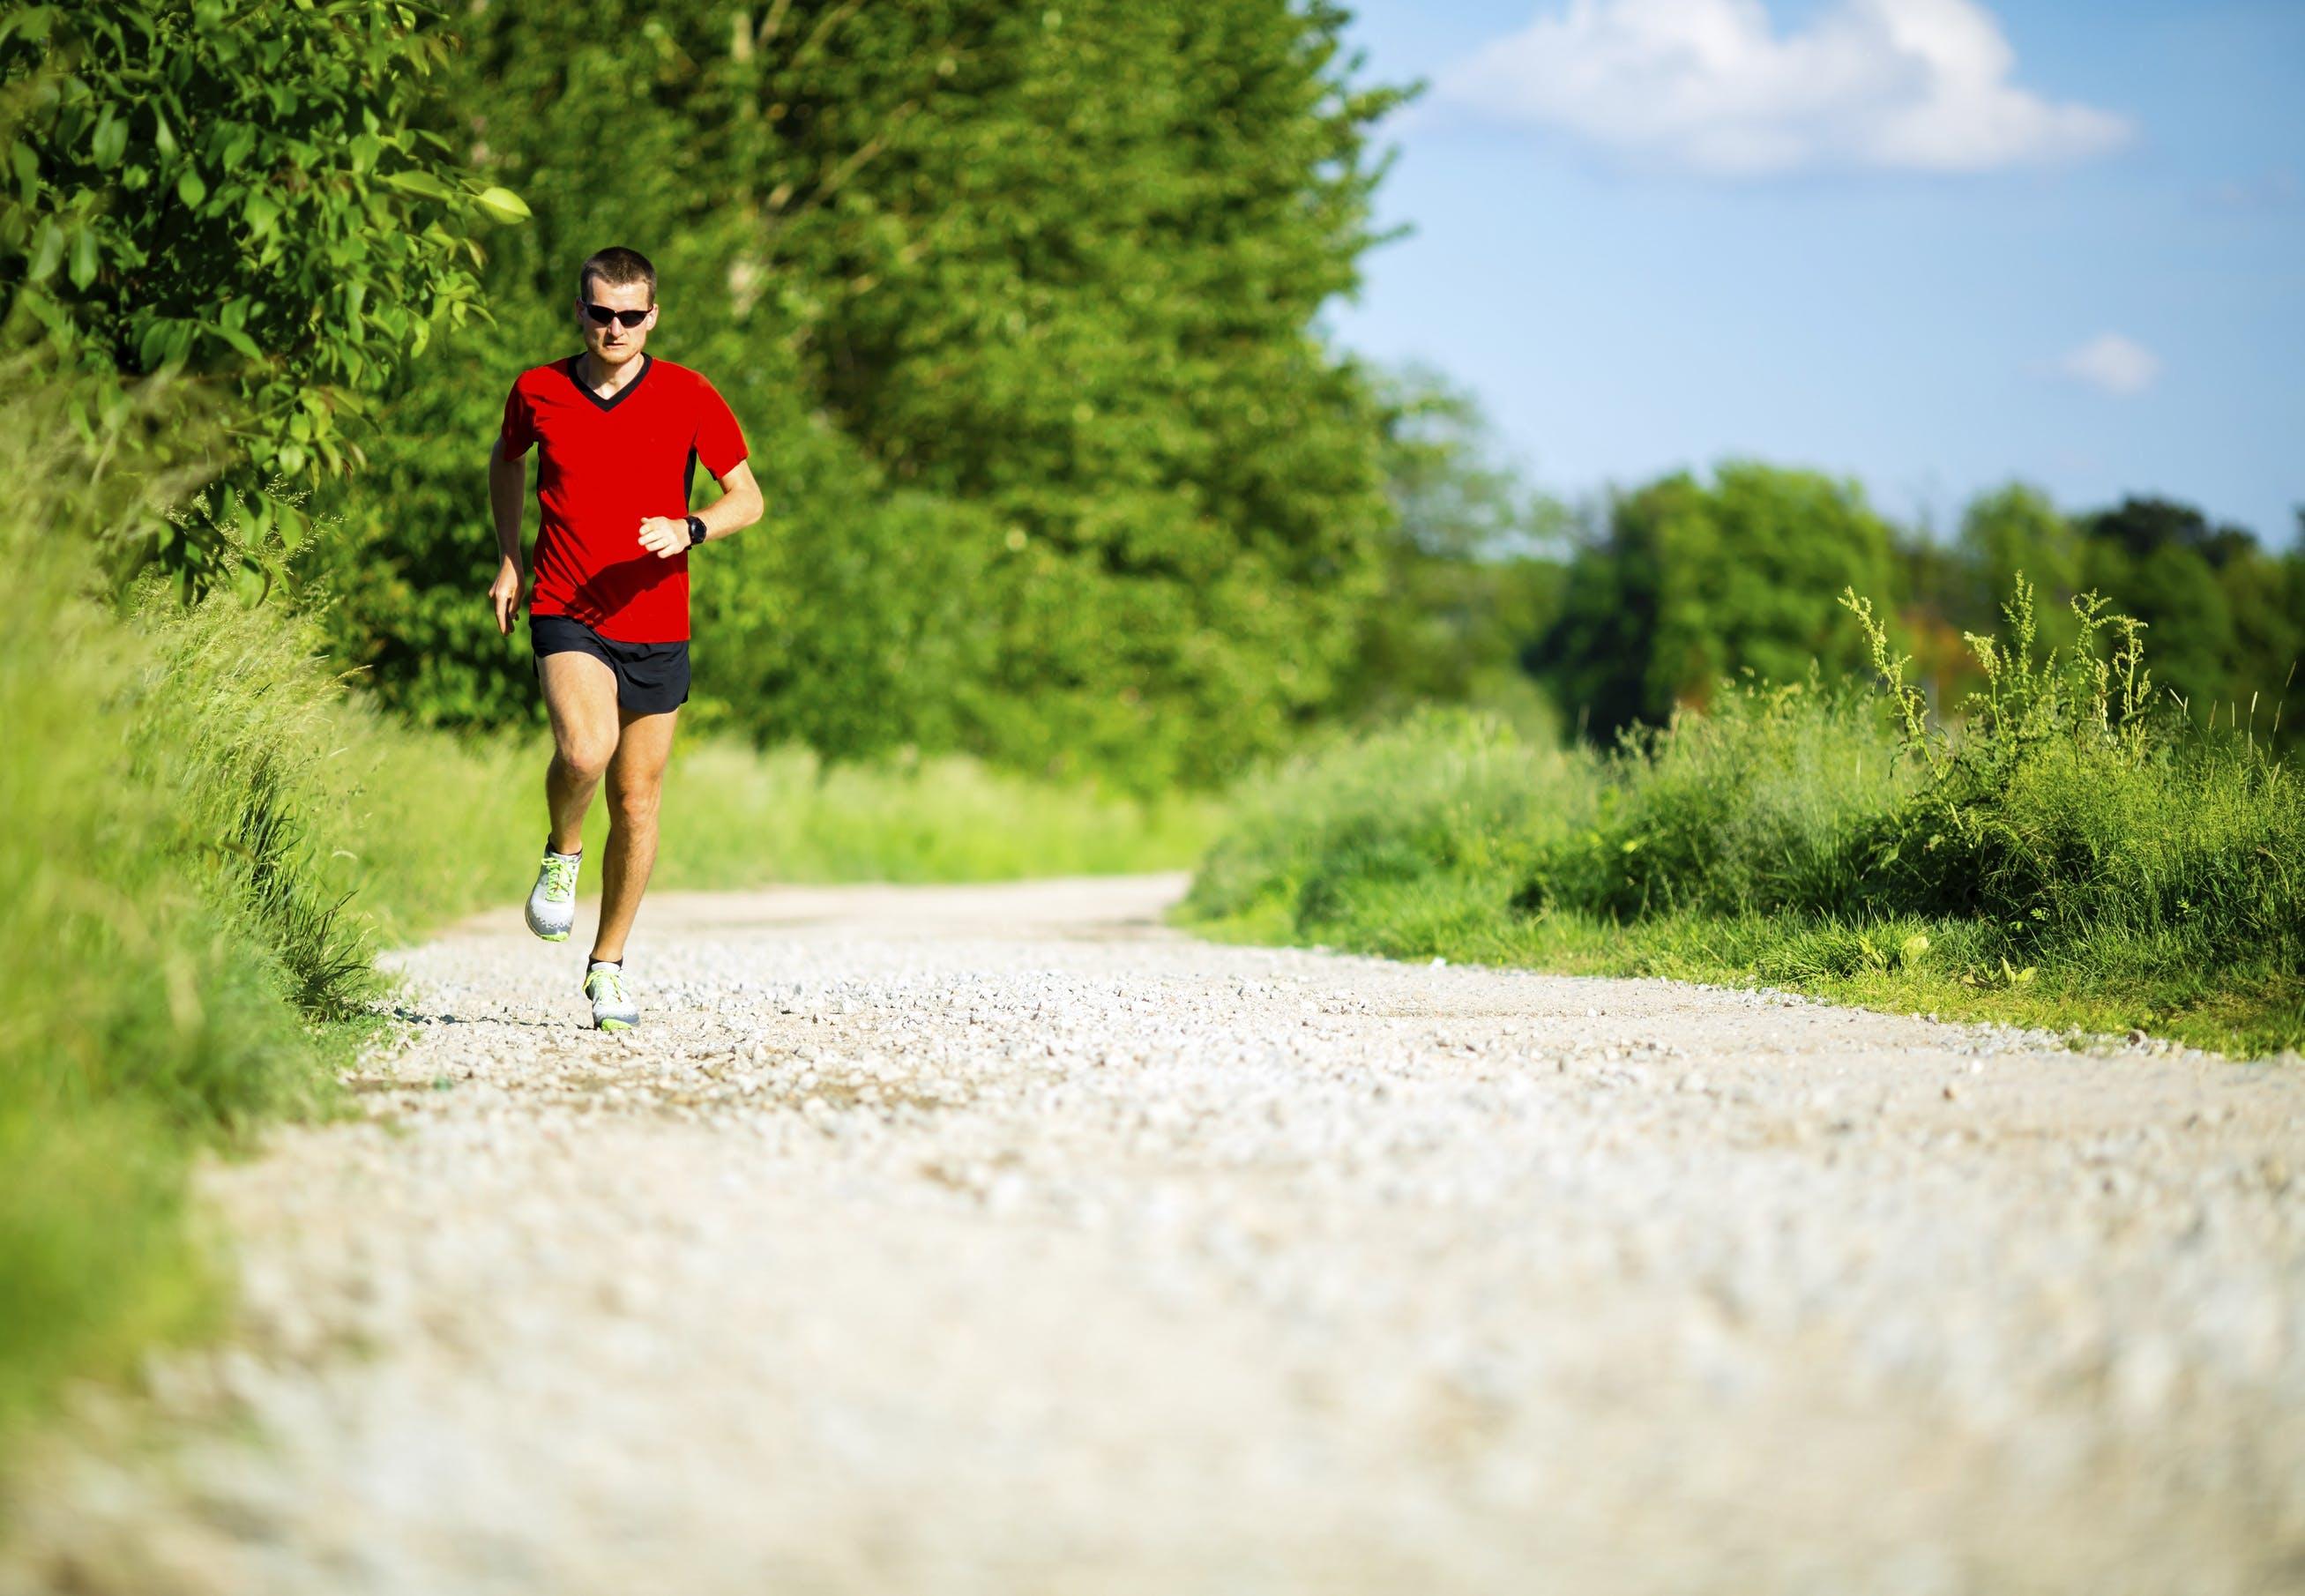 Kost og træning på den effektive måde | Aktiv Træning